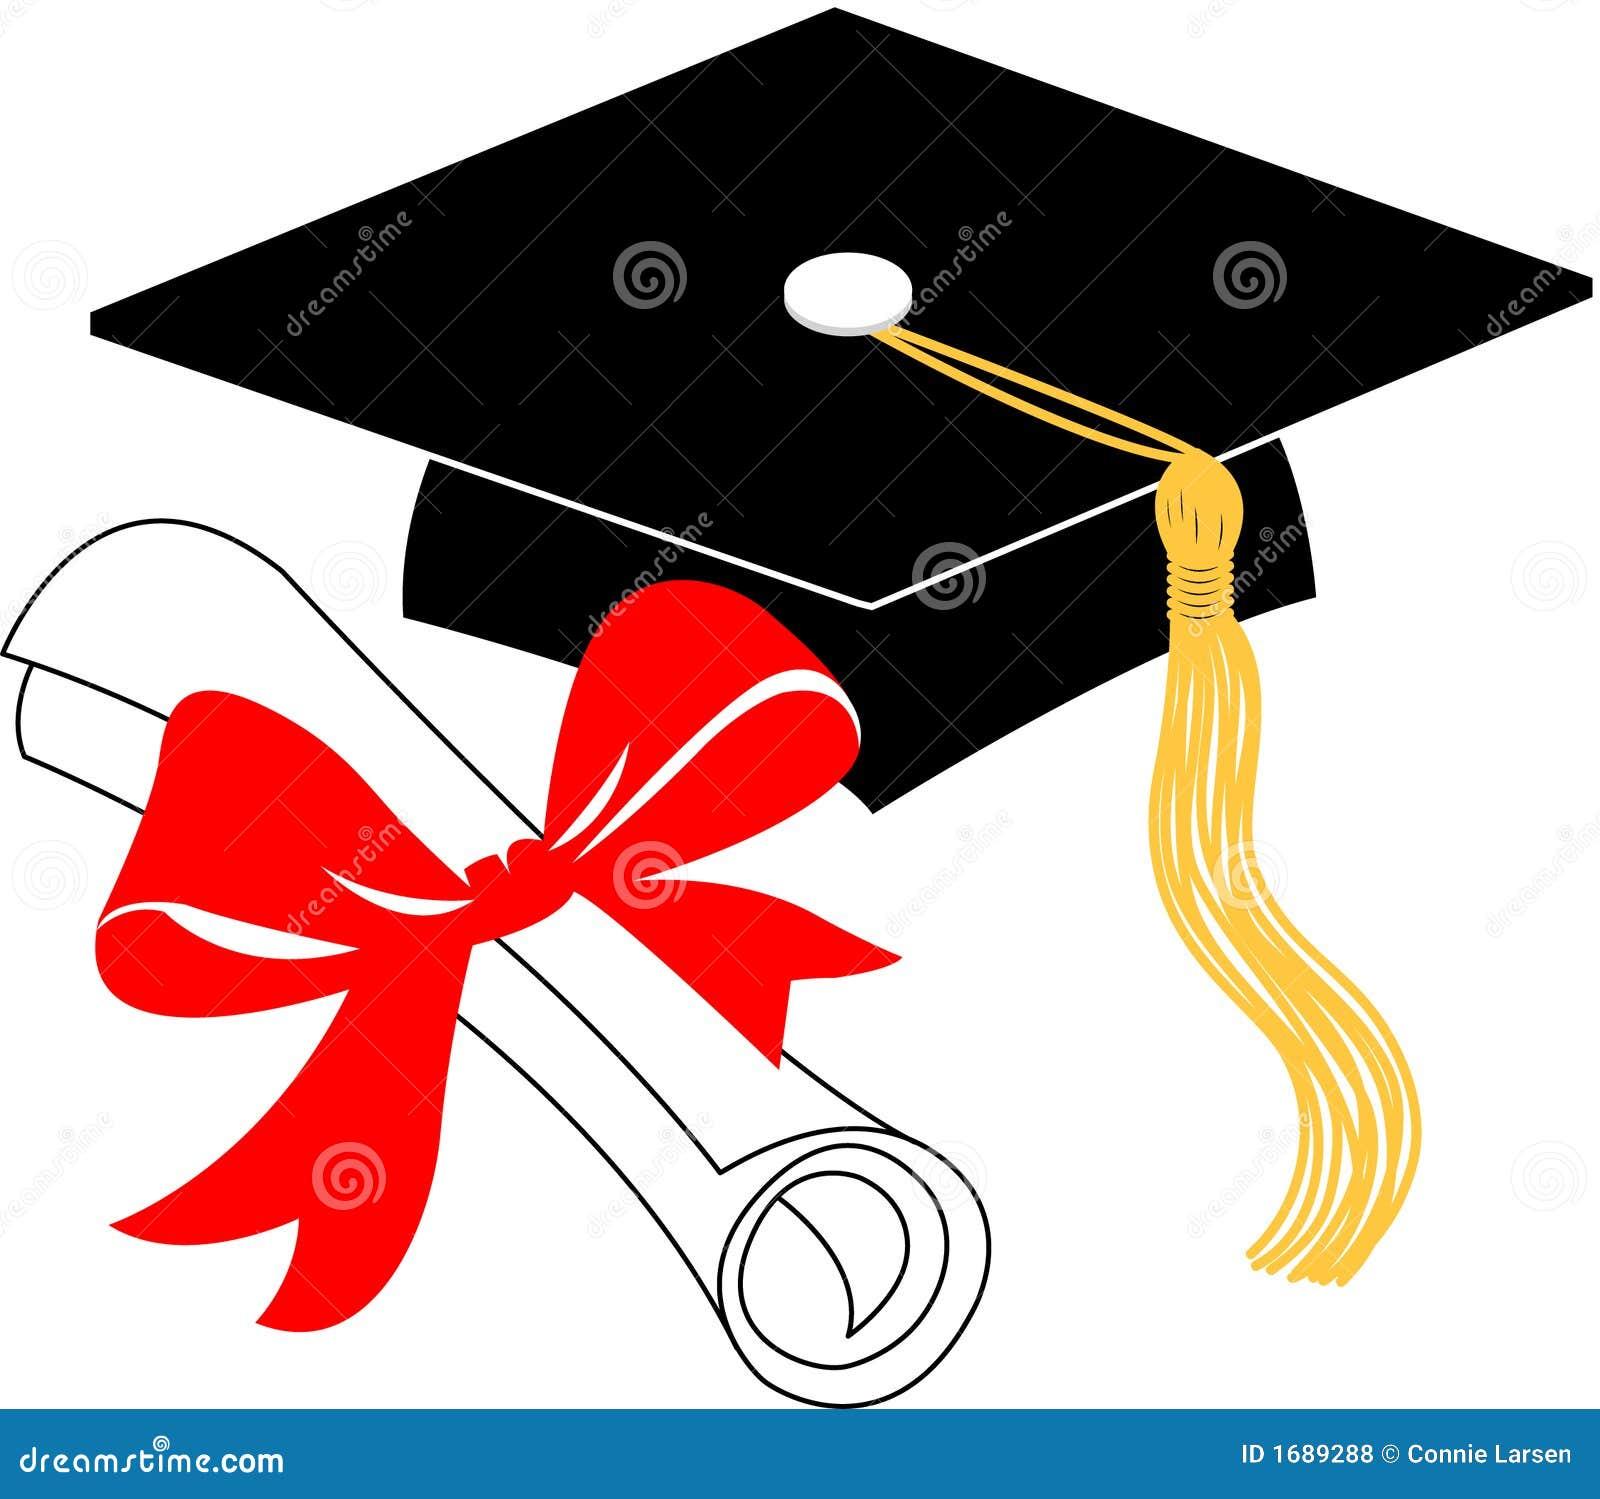 Avläggande av examen för lockdiplomeps